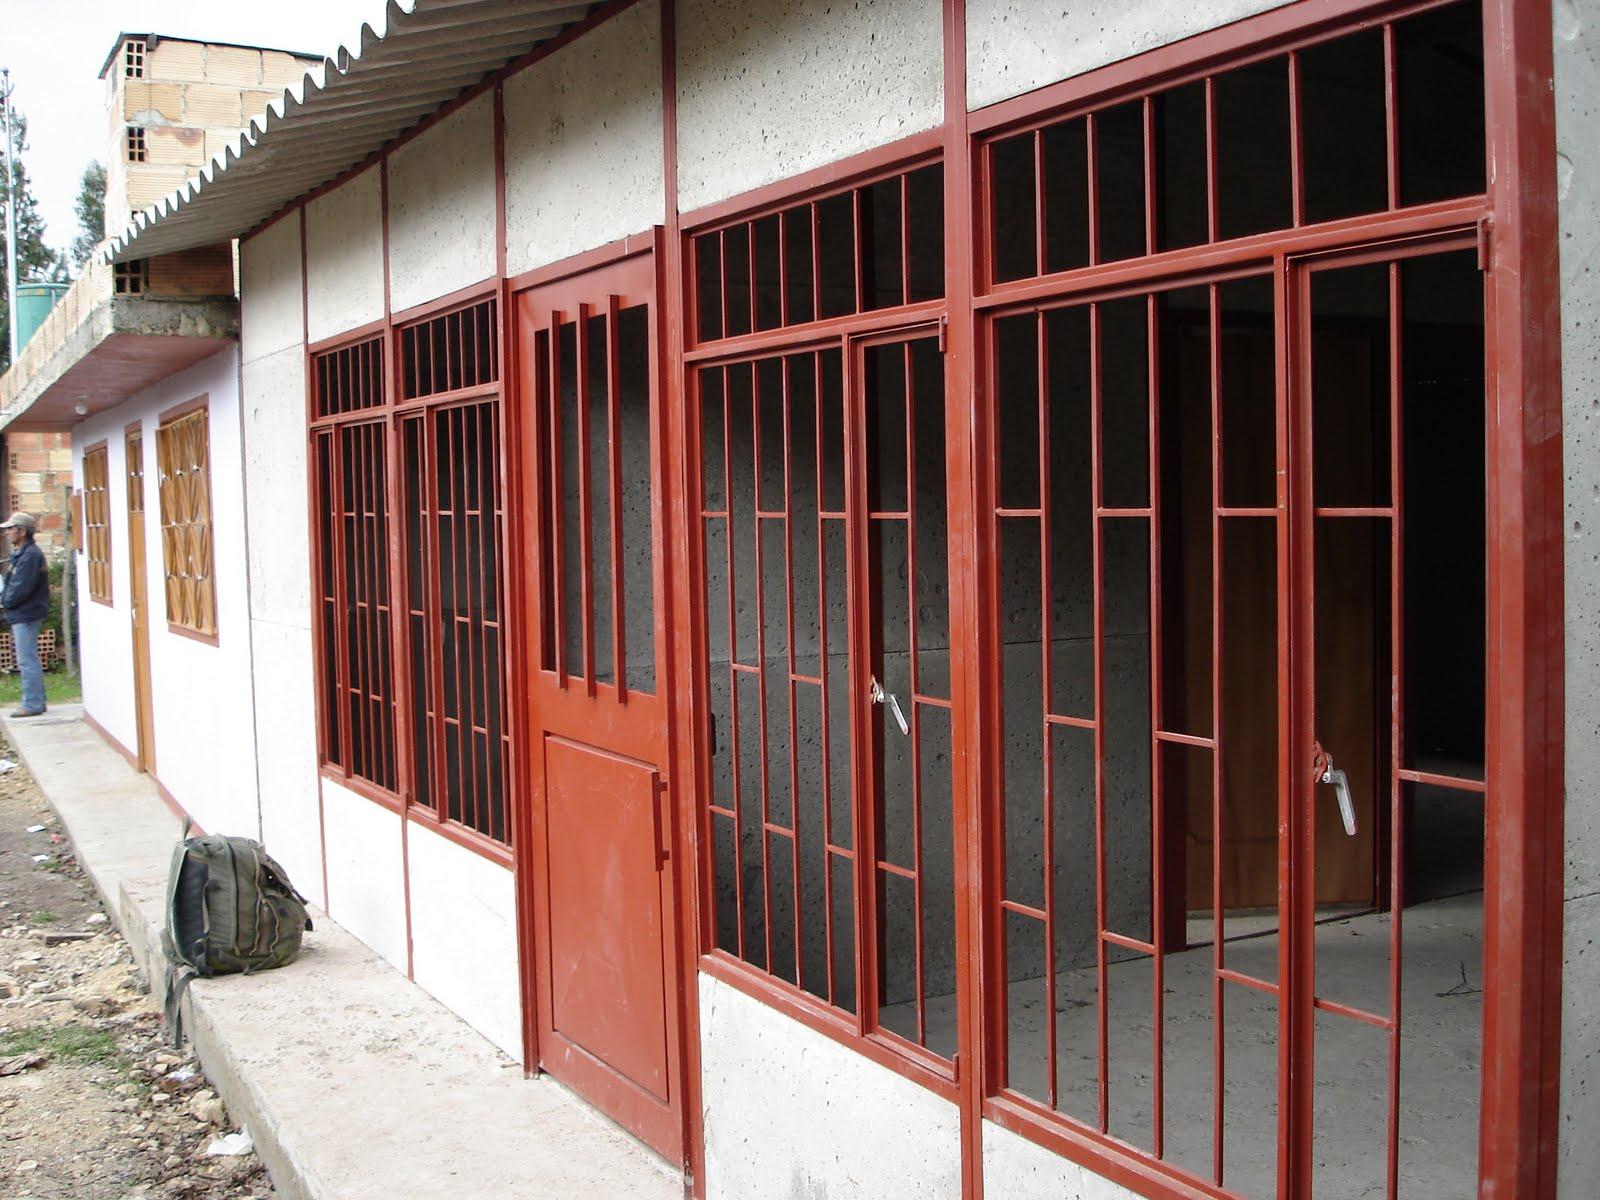 Casas prefabricadas casas prefabricadas instalacion for Puertas prefabricadas